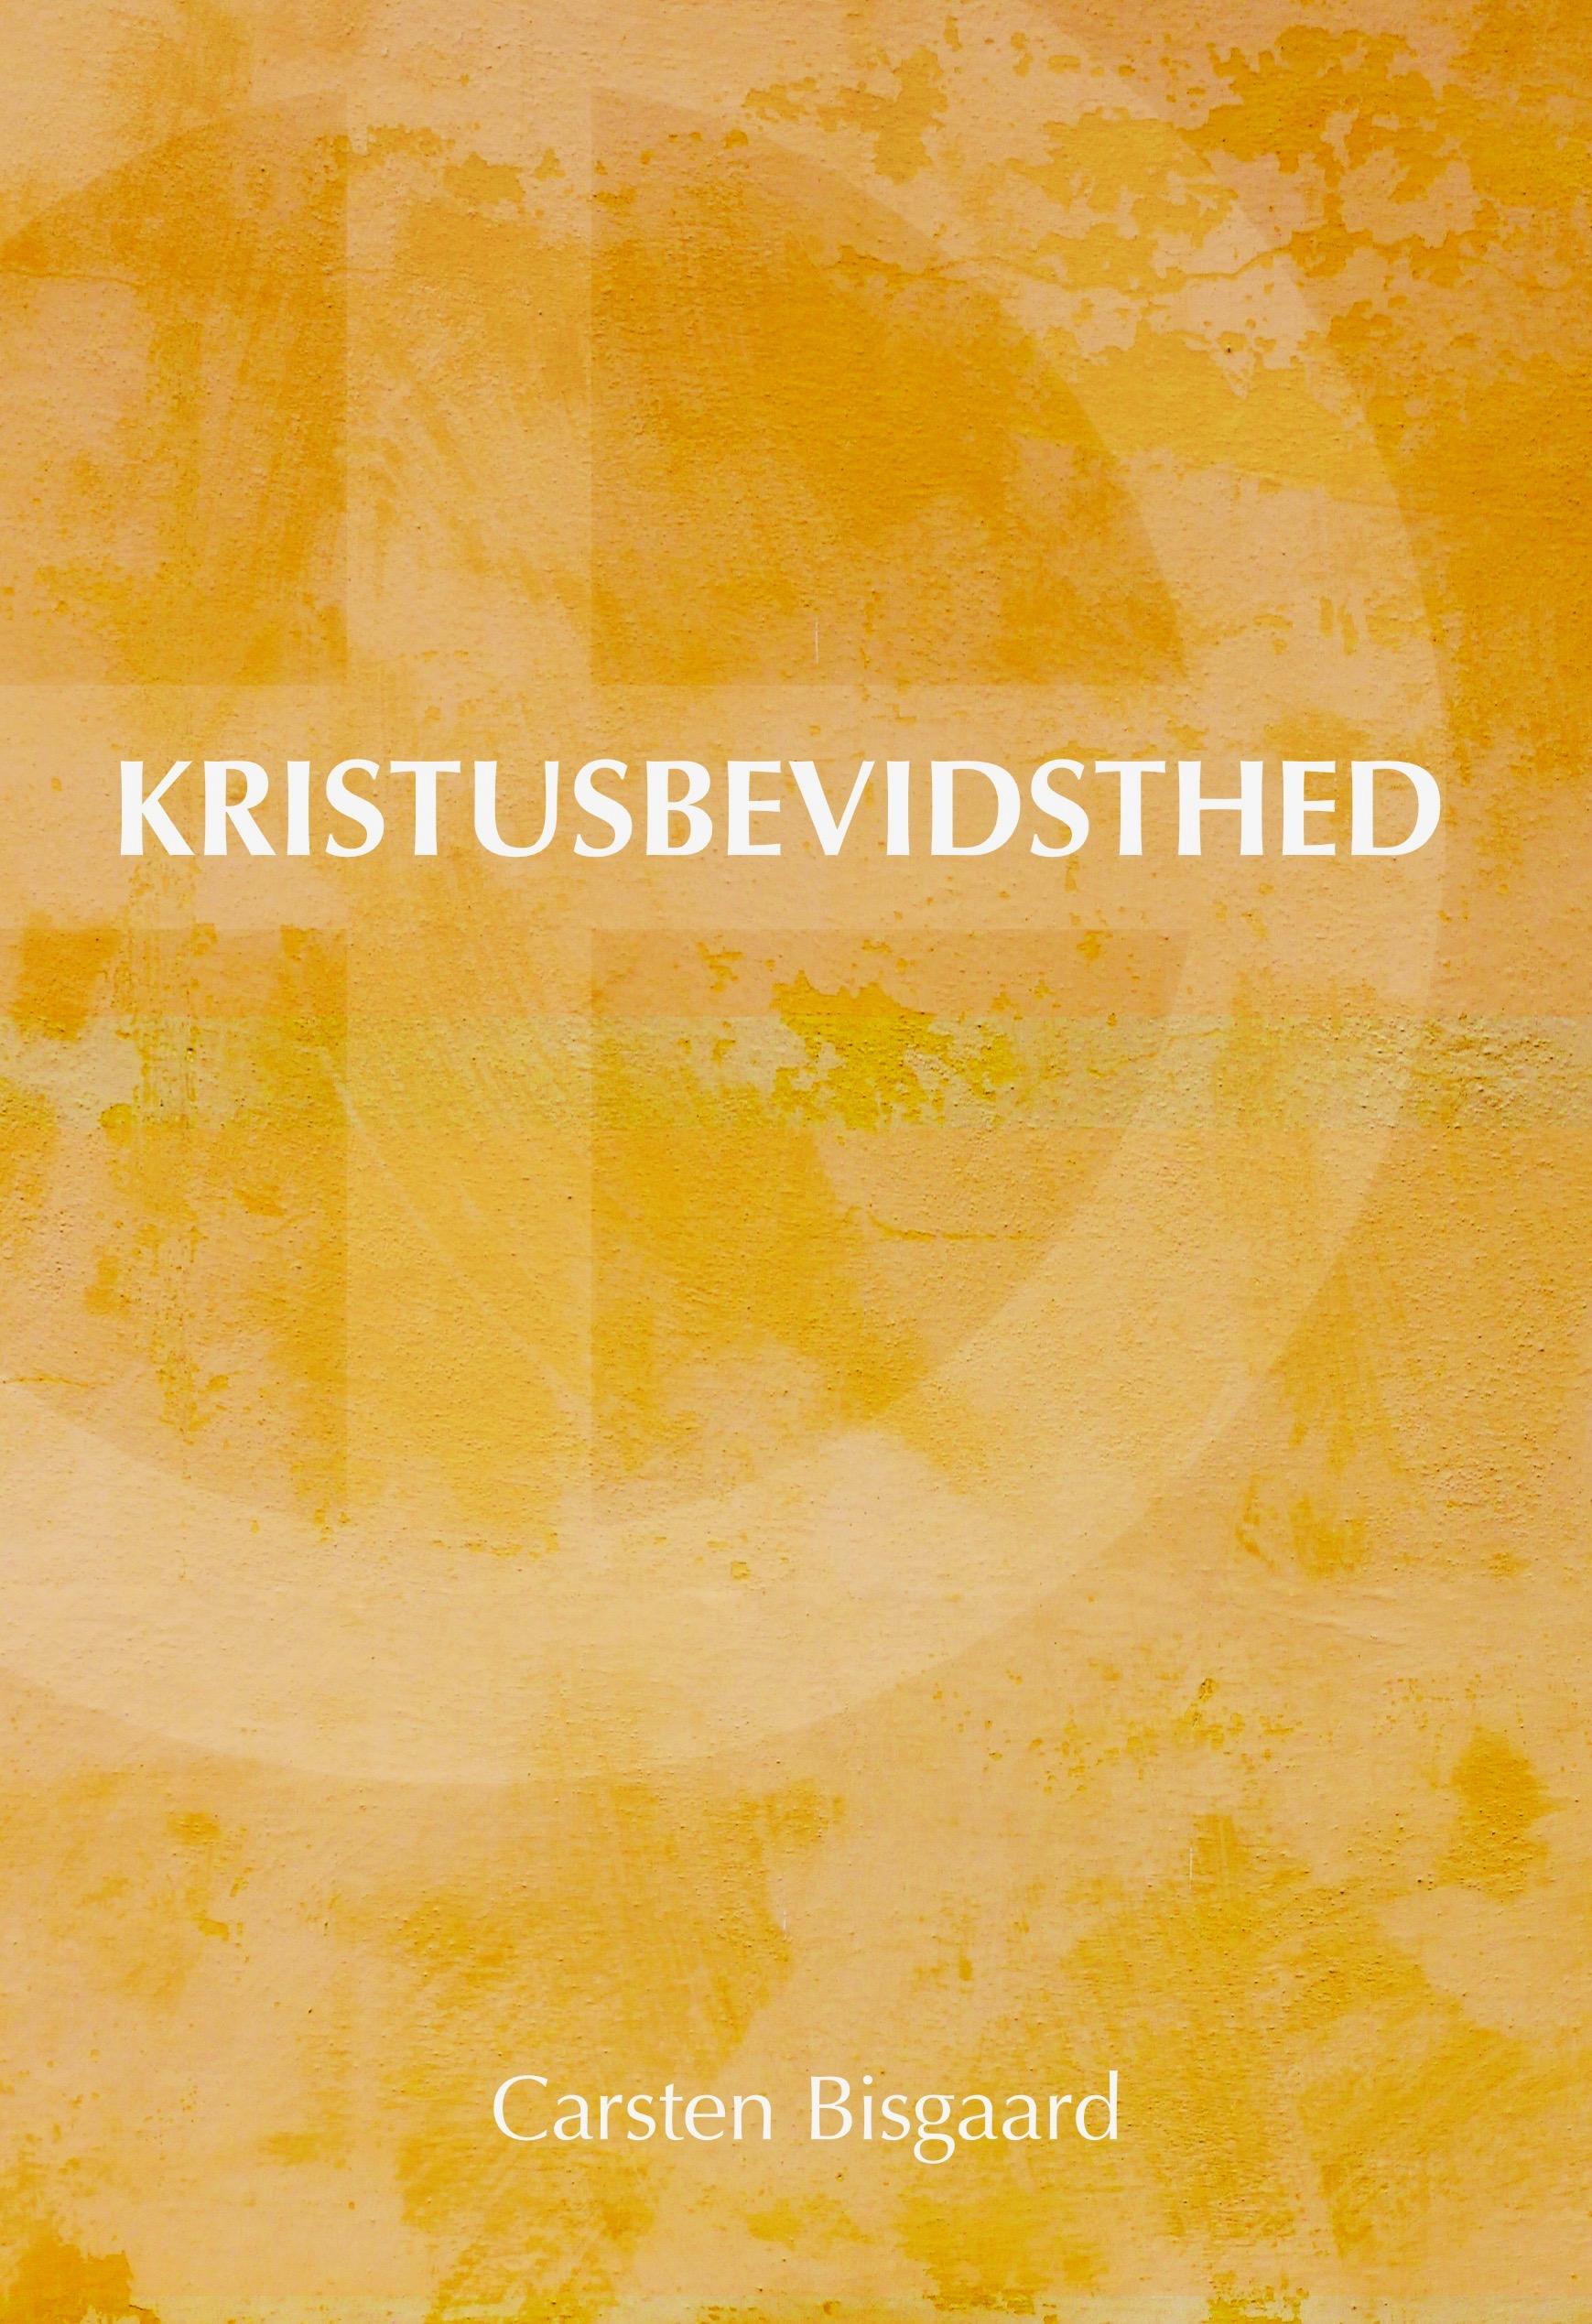 Kristusbevidsthed - Carsten Bisgaard - Bøger - Forlaget Visdomsbøgerne - 9788791388477 - 22/8-2019